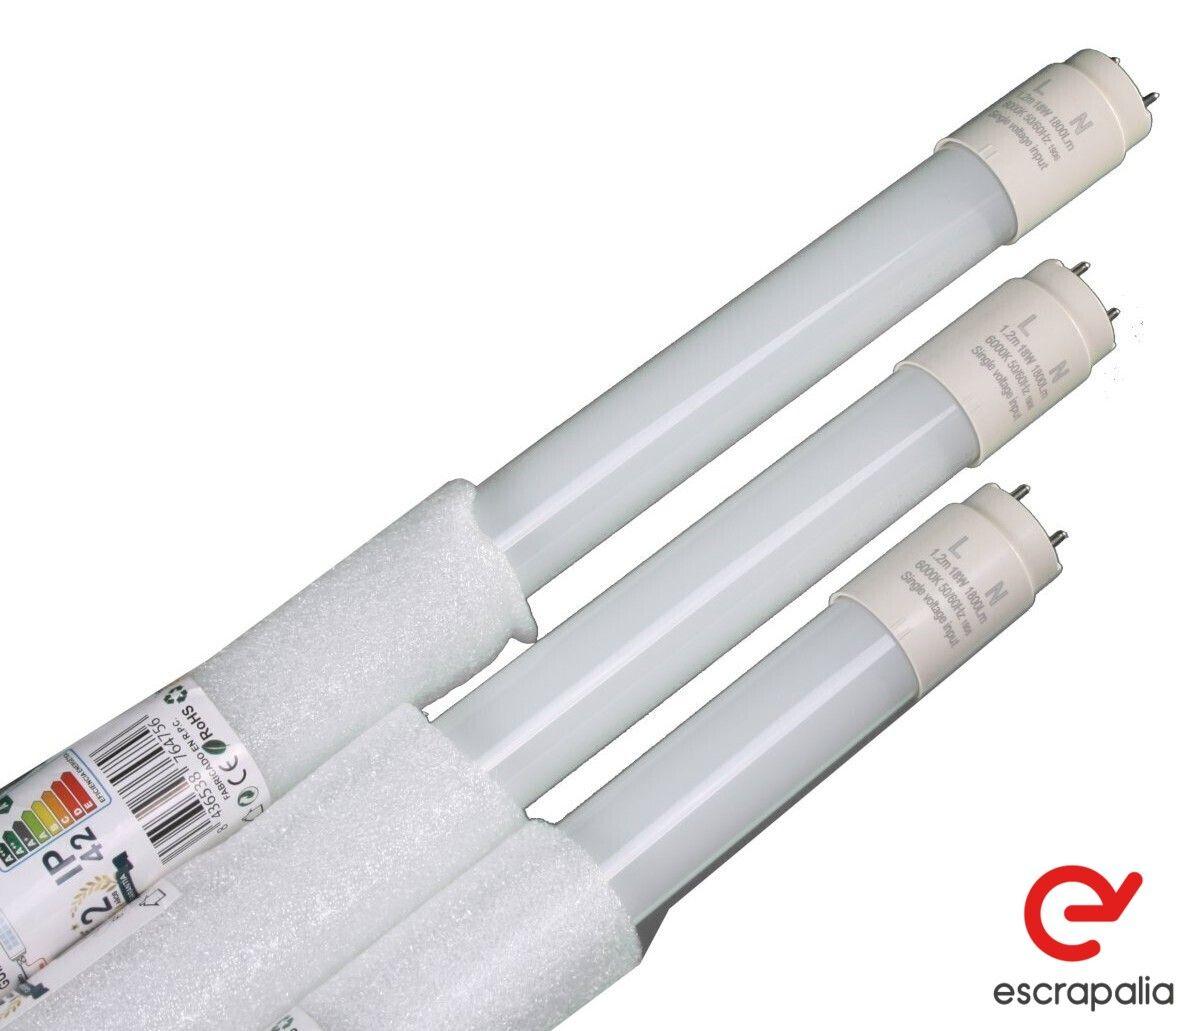 20 Einheiten T8 LED Tube Glasabdeckung 120cm 18W kaltweiß (neu)